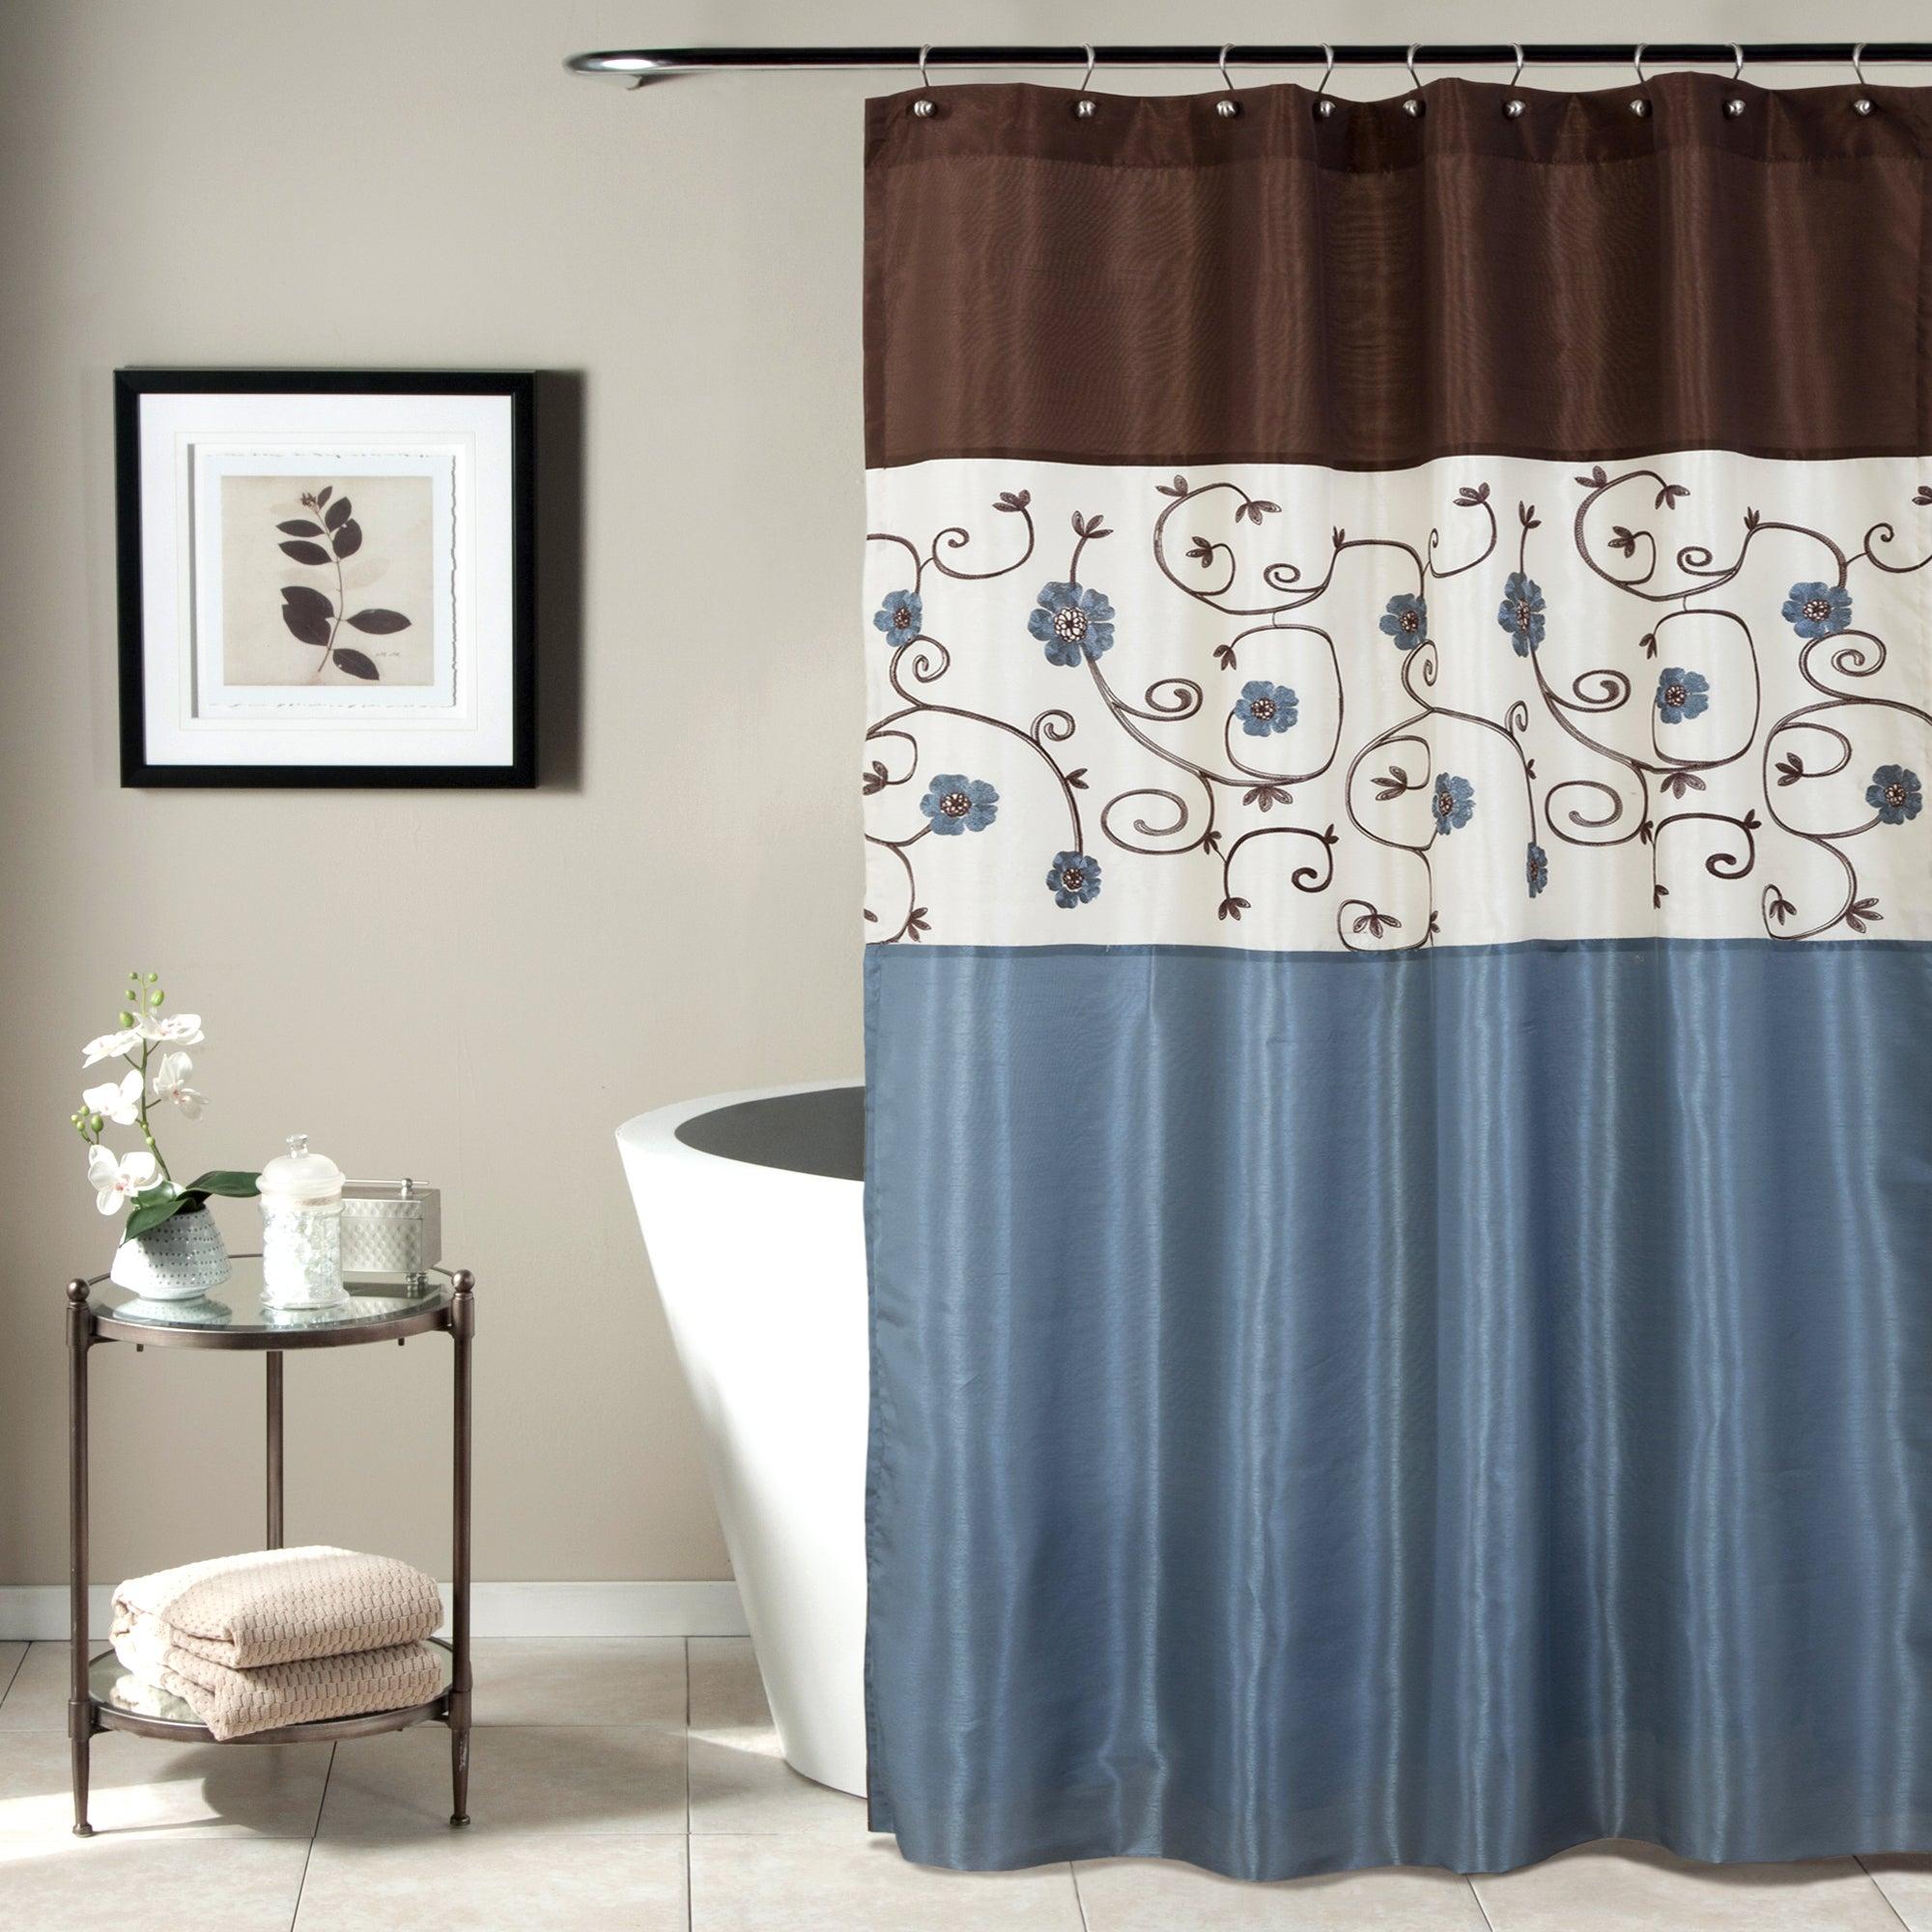 Lush Decor Royal Garden Shower Curtain